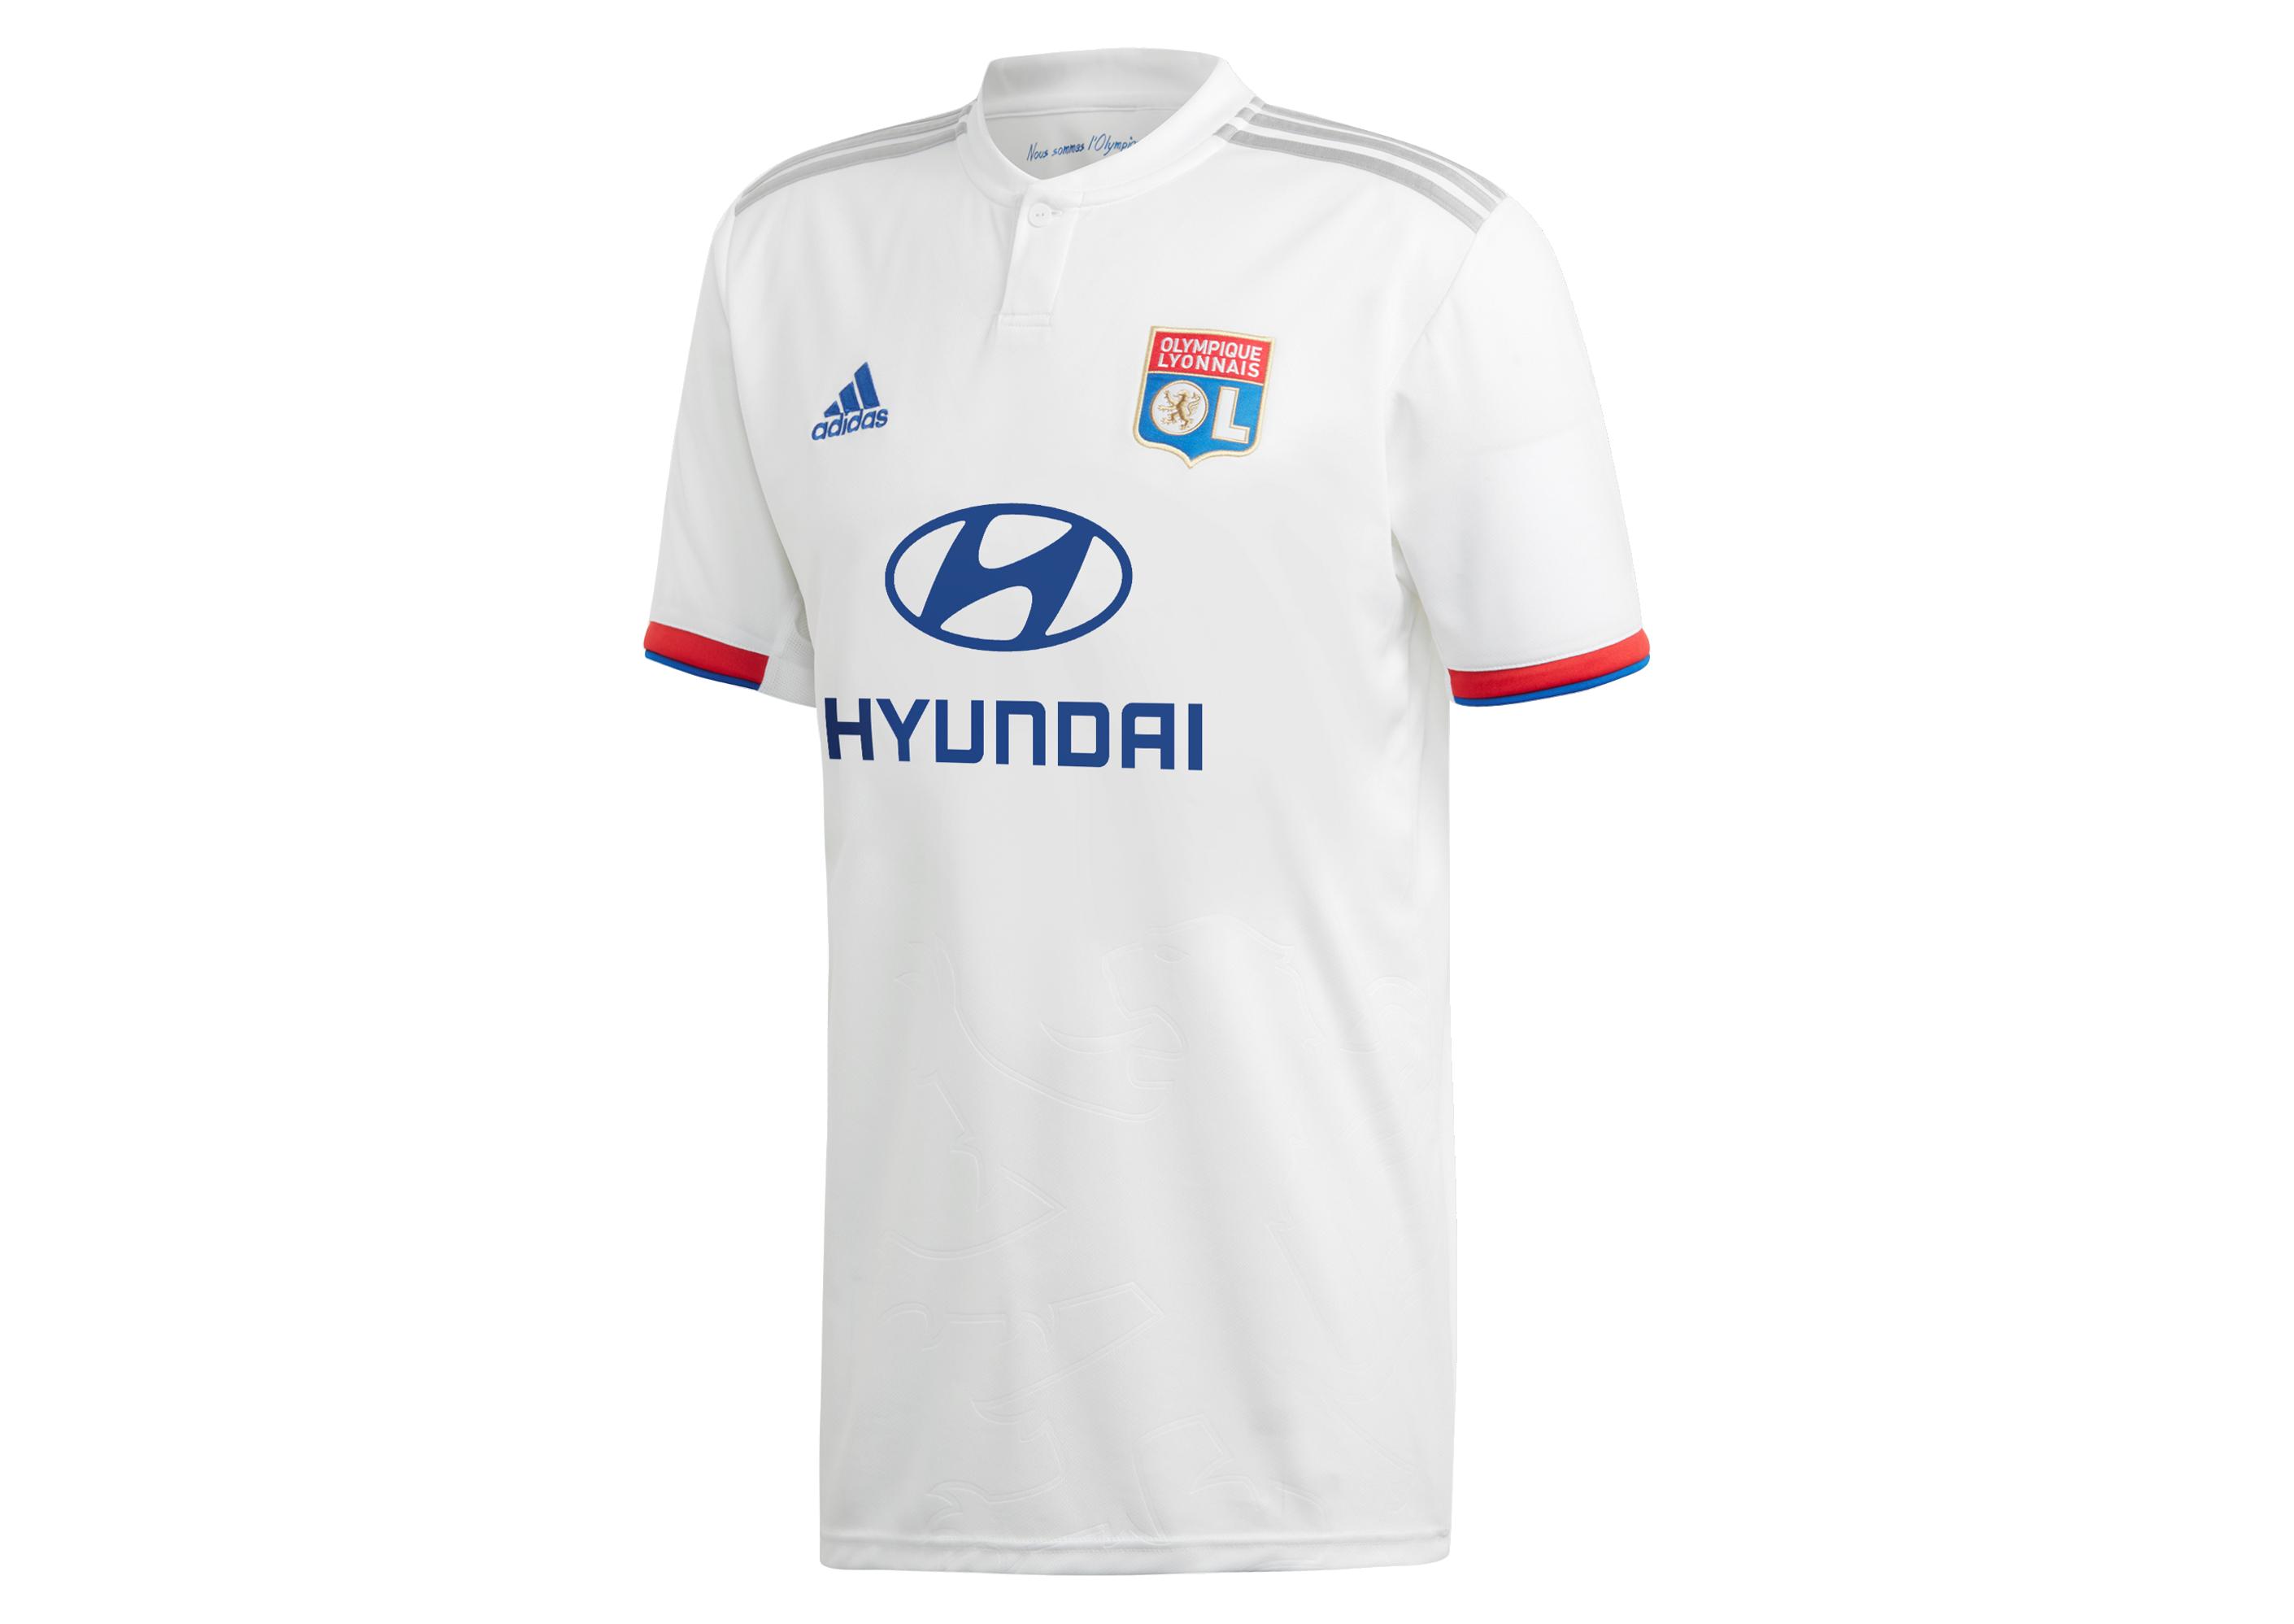 fiabilidad menta calentar  Football Shirt adidas Olympique Lyon 2019/20 Home CM1236 | R-GOL.com -  Football boots & equipment